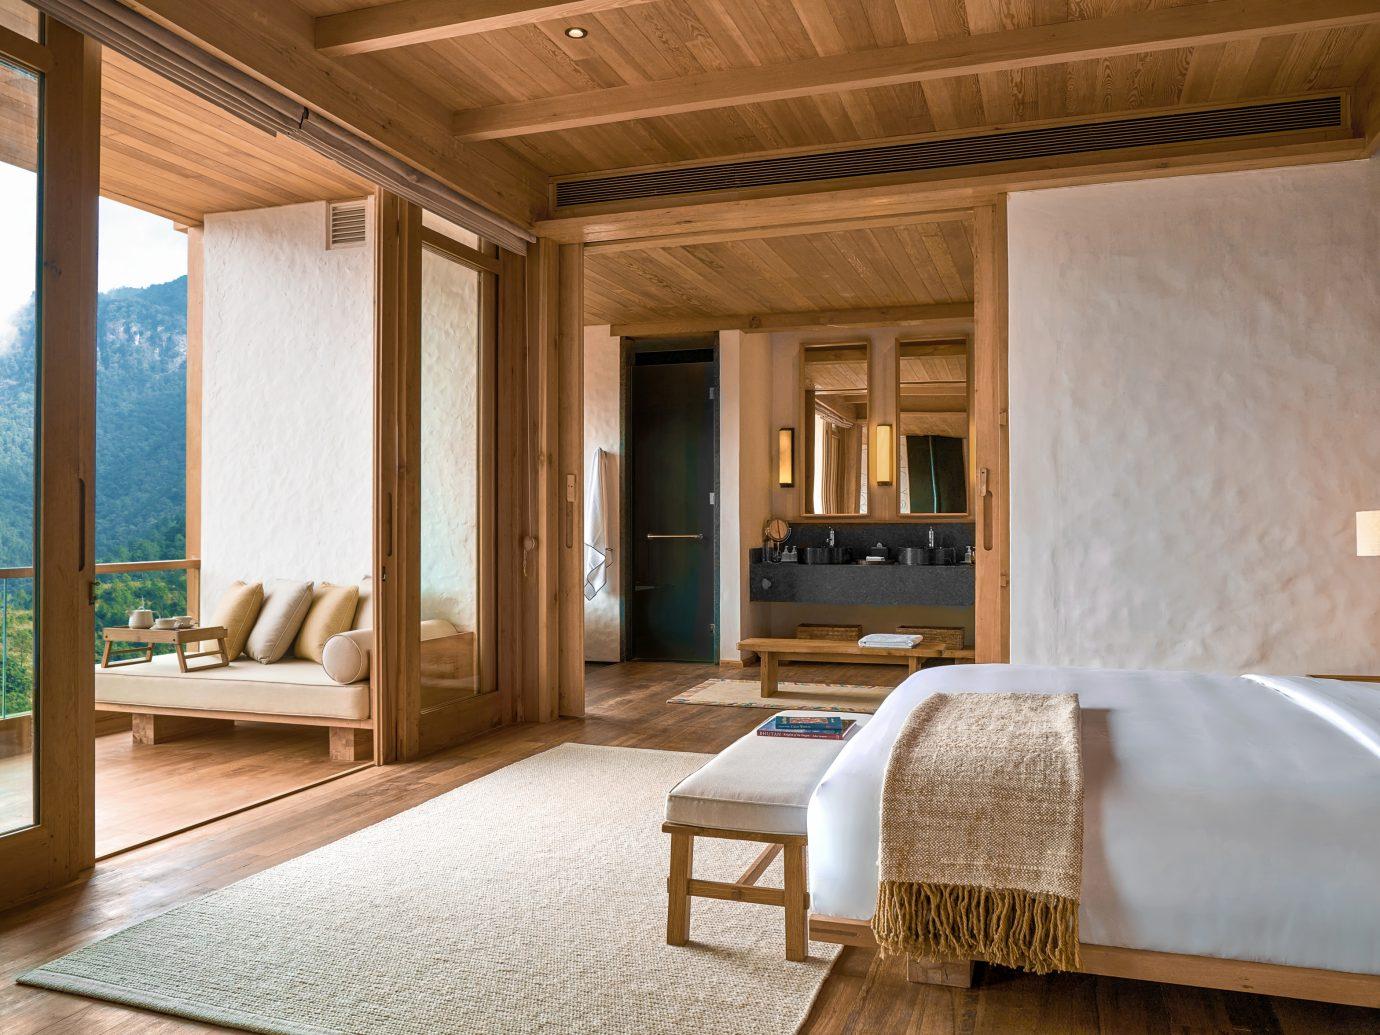 Bedroom at Six Senses Bhutan